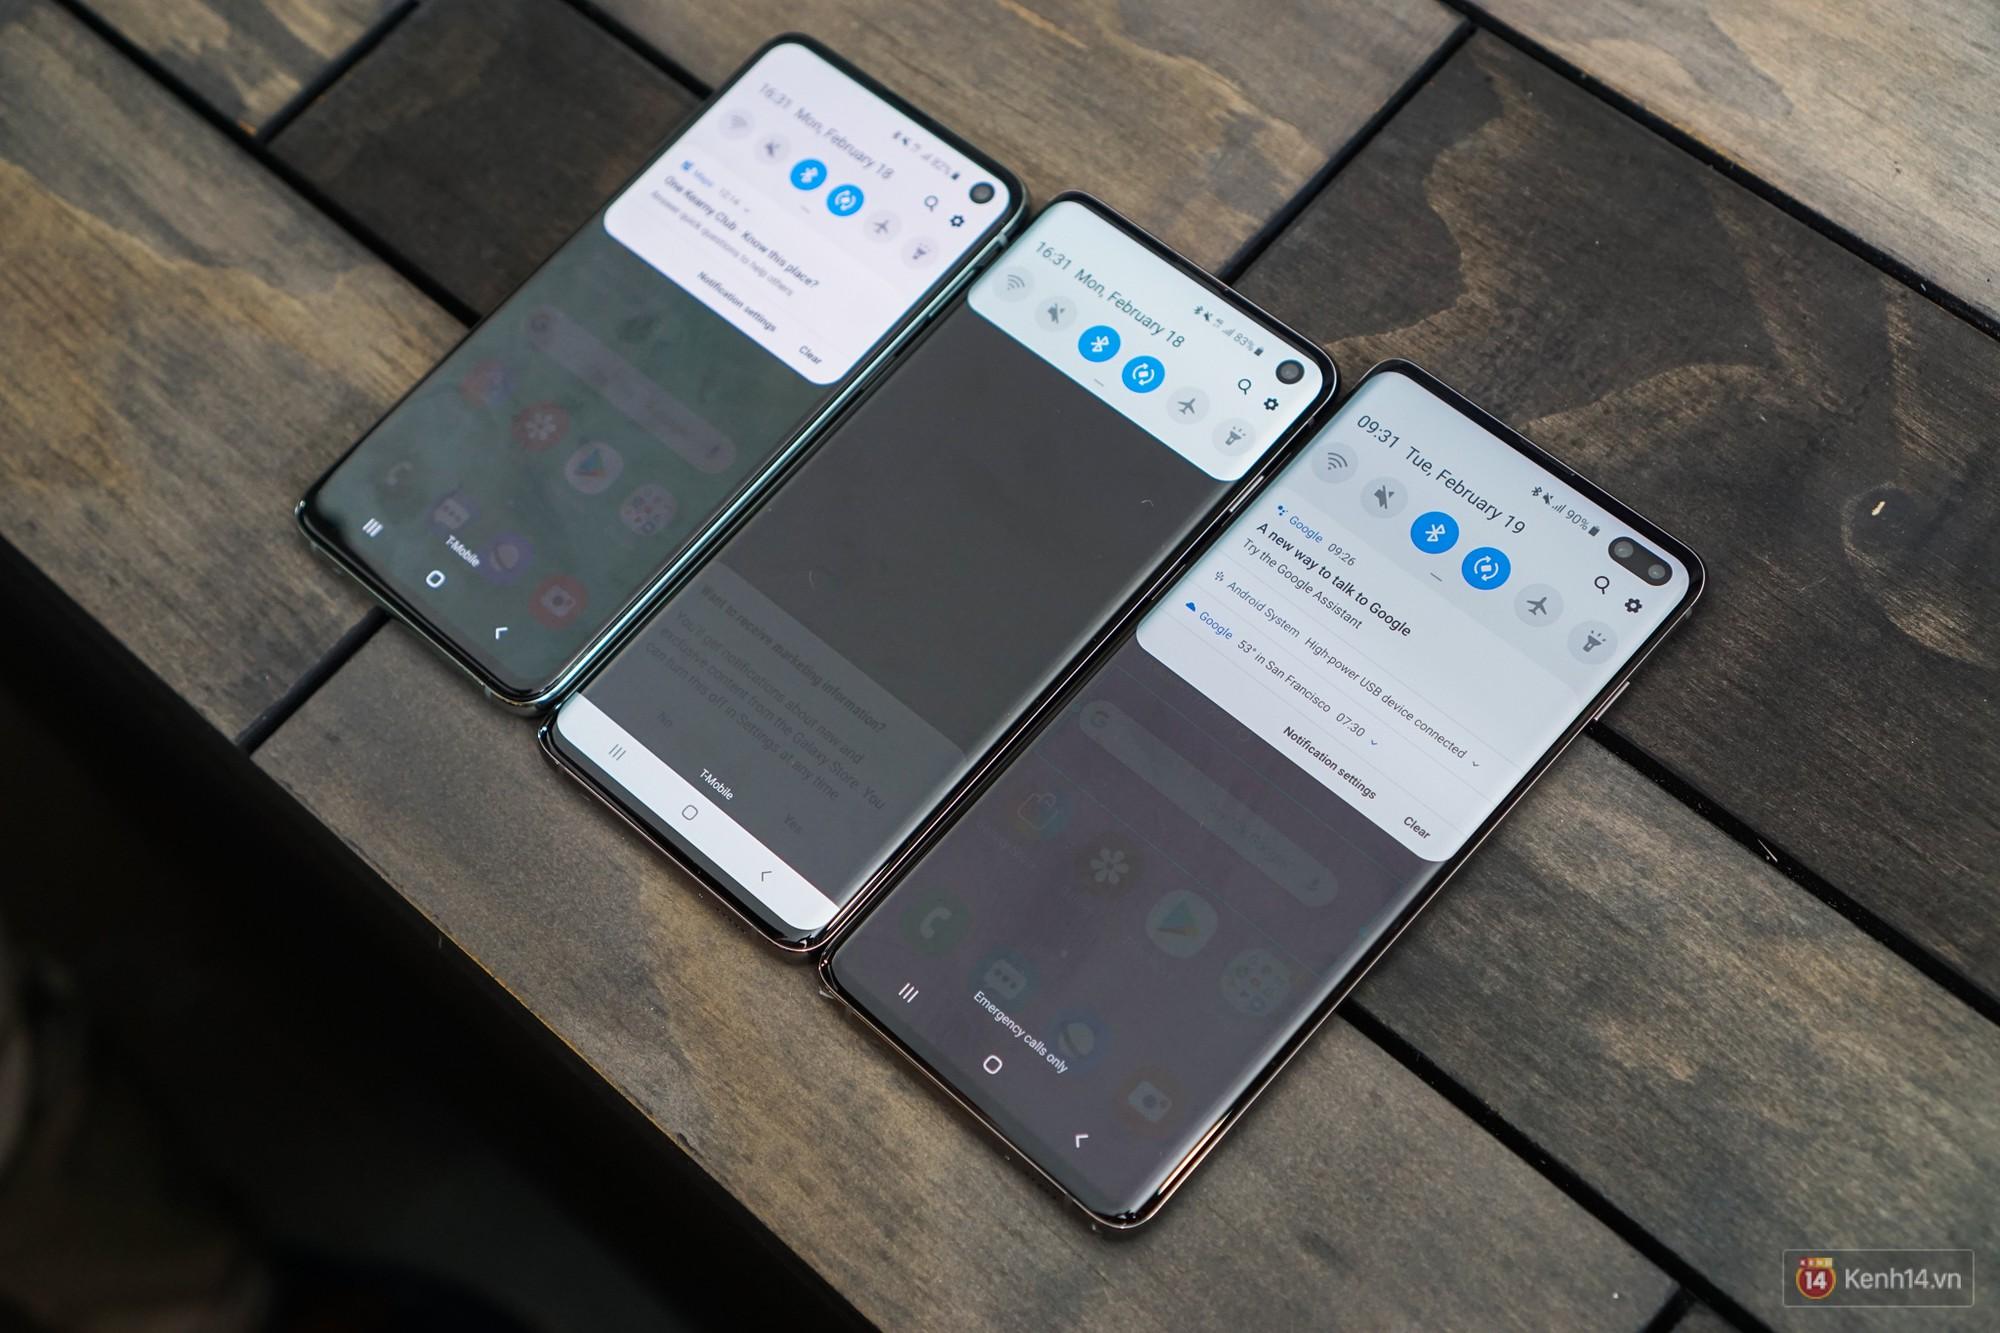 Trên tay Galaxy S10/S10+ giá từ 21 triệu: Như này không đẹp thì không biết thế nào mới được coi là đẹp - Ảnh 12.